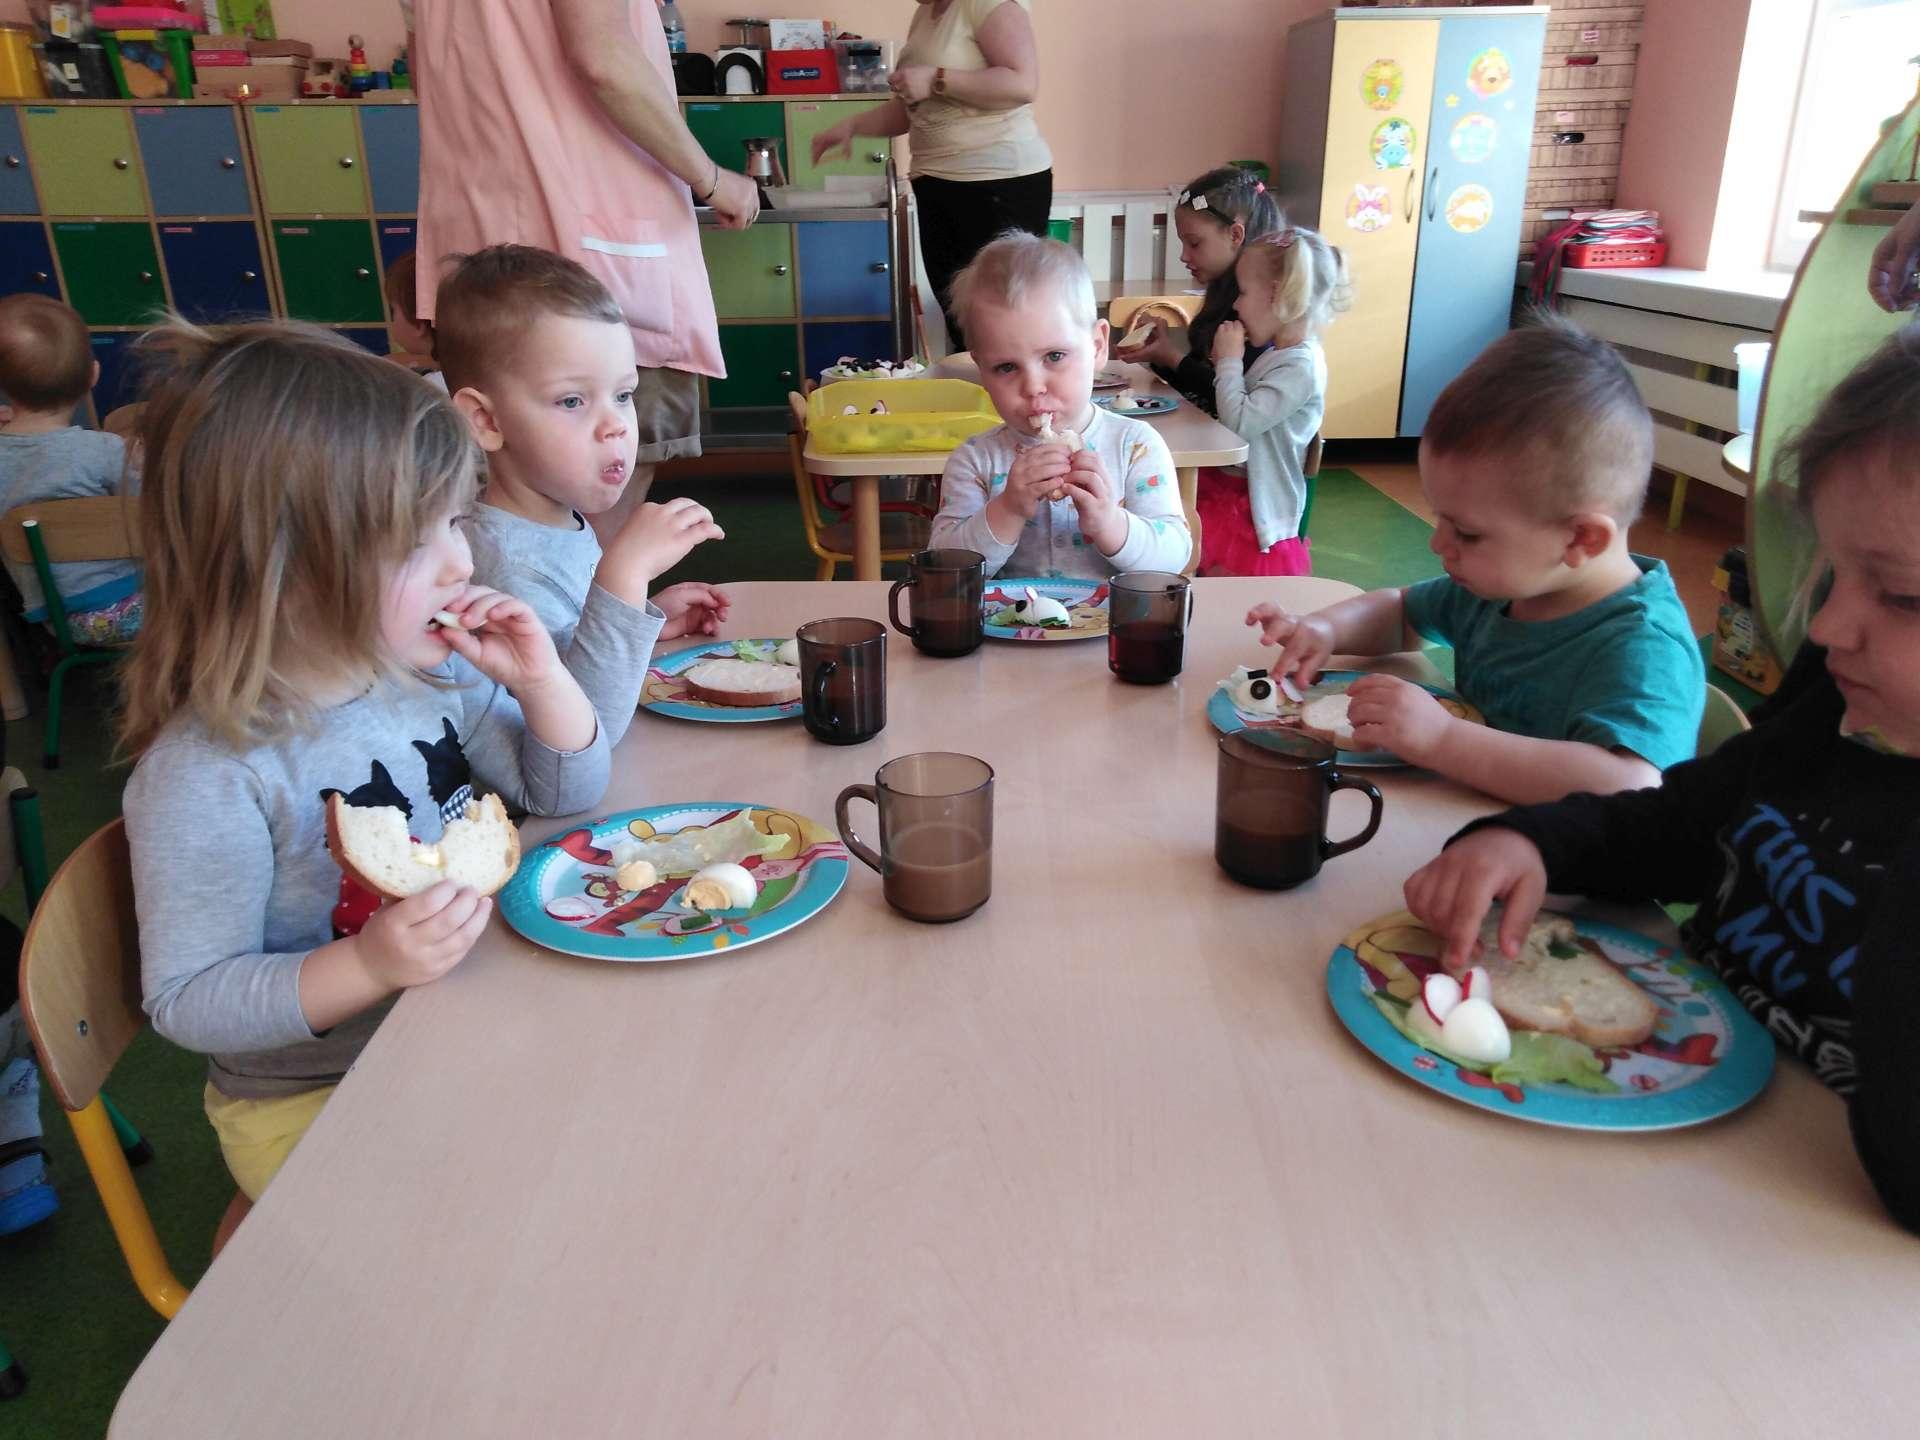 Przeglądasz zdjęcia z artykułu: Śniadanie z myszką